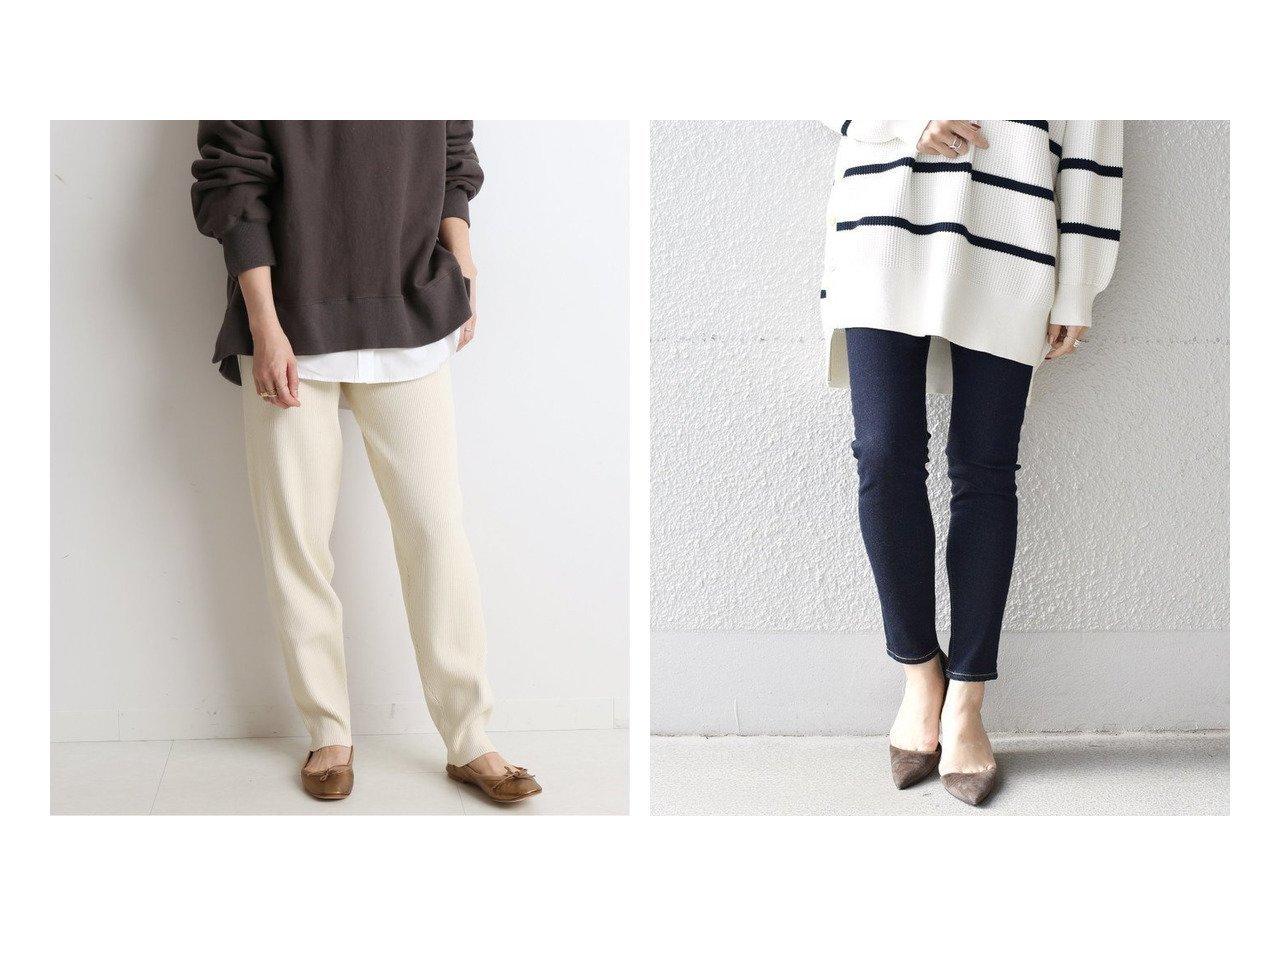 【SLOBE IENA/スローブ イエナ】のリブニットパンツ&【SHIPS/シップス フォー ウィメン】のスキニーデニム パンツのおすすめ!人気、レディースファッションの通販 おすすめで人気のファッション通販商品 インテリア・家具・キッズファッション・メンズファッション・レディースファッション・服の通販 founy(ファニー) https://founy.com/ ファッション Fashion レディース WOMEN パンツ Pants デニムパンツ Denim Pants 秋冬 A/W Autumn/ Winter ビッグ リブニット リラックス スキニーデニム ストレッチ ダメージ デニム 定番 |ID:crp329100000002989